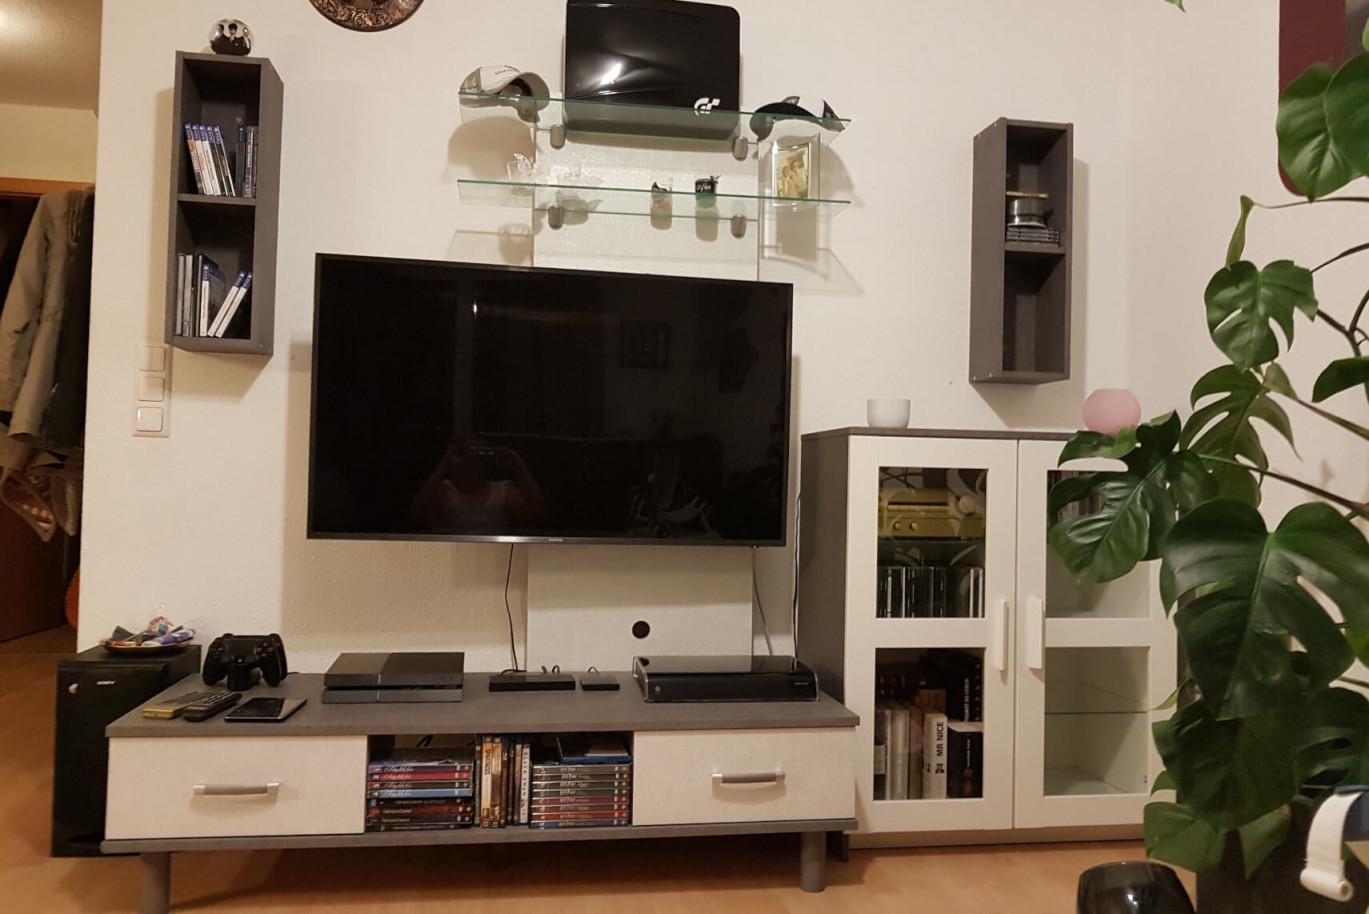 Wohnzimmer Gestalten  Modern  Grau Weiß Beton  Resimdo von Wohnzimmer Wohnwand Ideen Photo